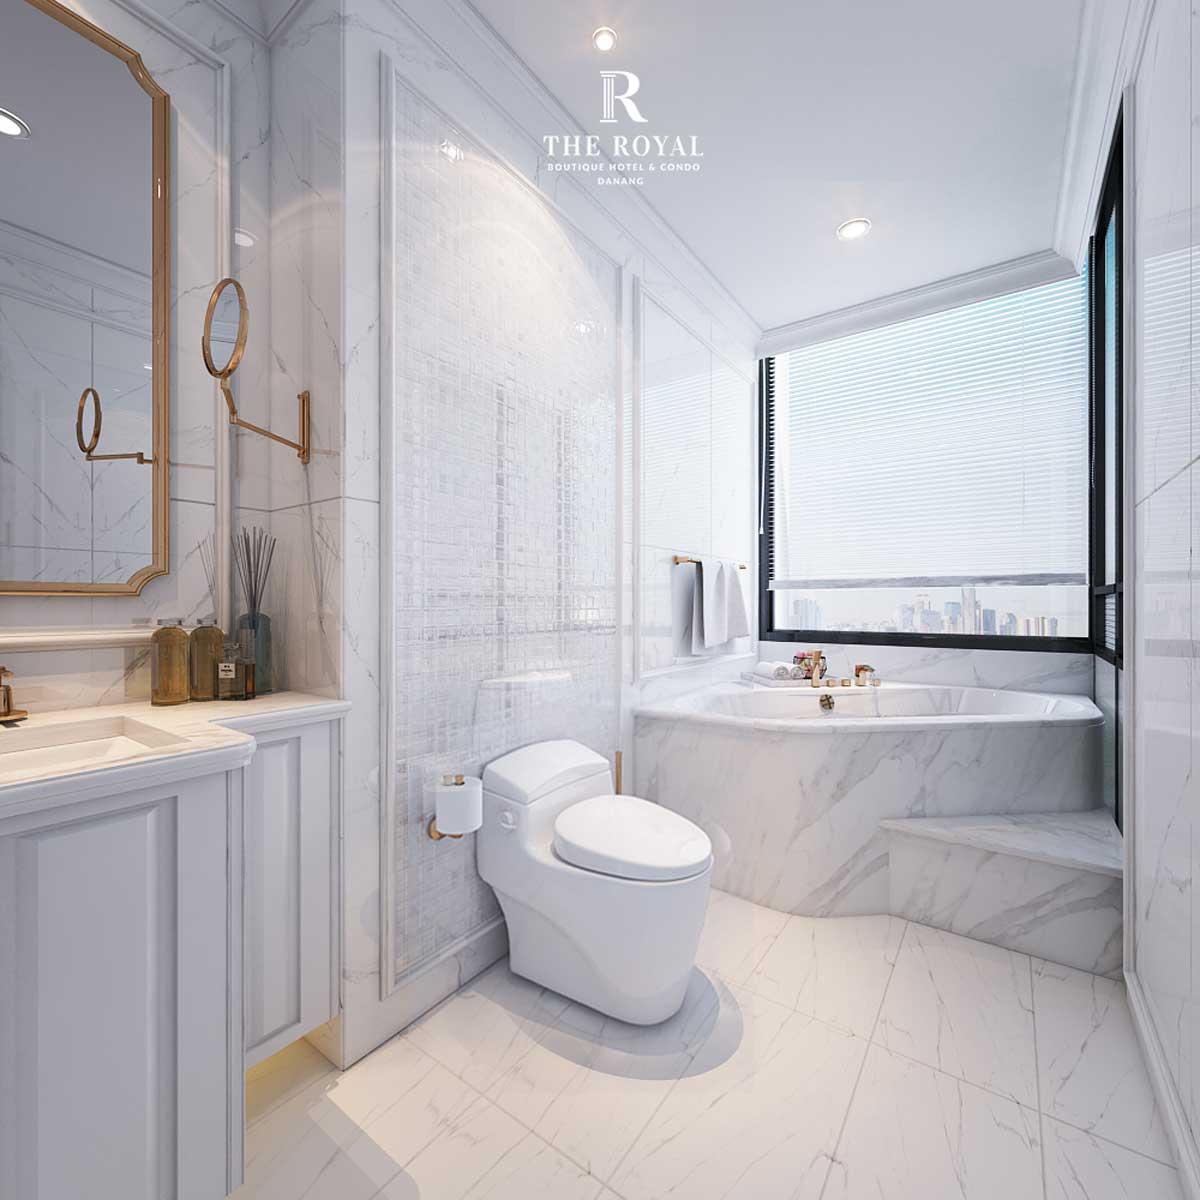 toilet can ho 3 phong ngu the royal da nang - DỰ ÁN CĂN HỘ THE ROYAL ĐÀ NẴNG